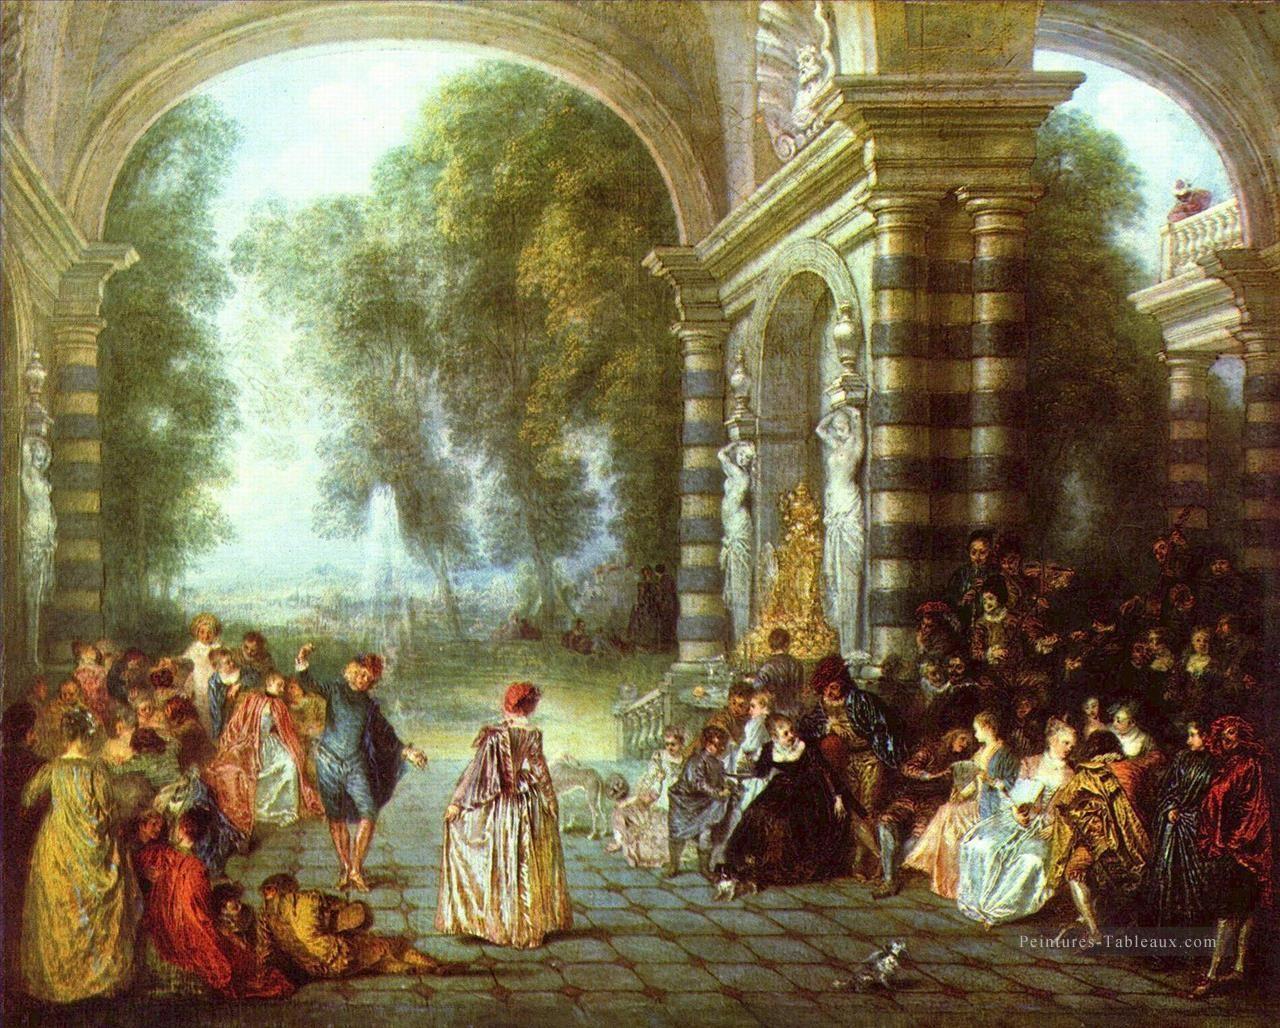 Les Plaisirs Du Bal Jean Antoine Watteau Classique Rococo Peinture Tableau En Vente Tableau Peinture Les Arts Jean Antoine Watteau